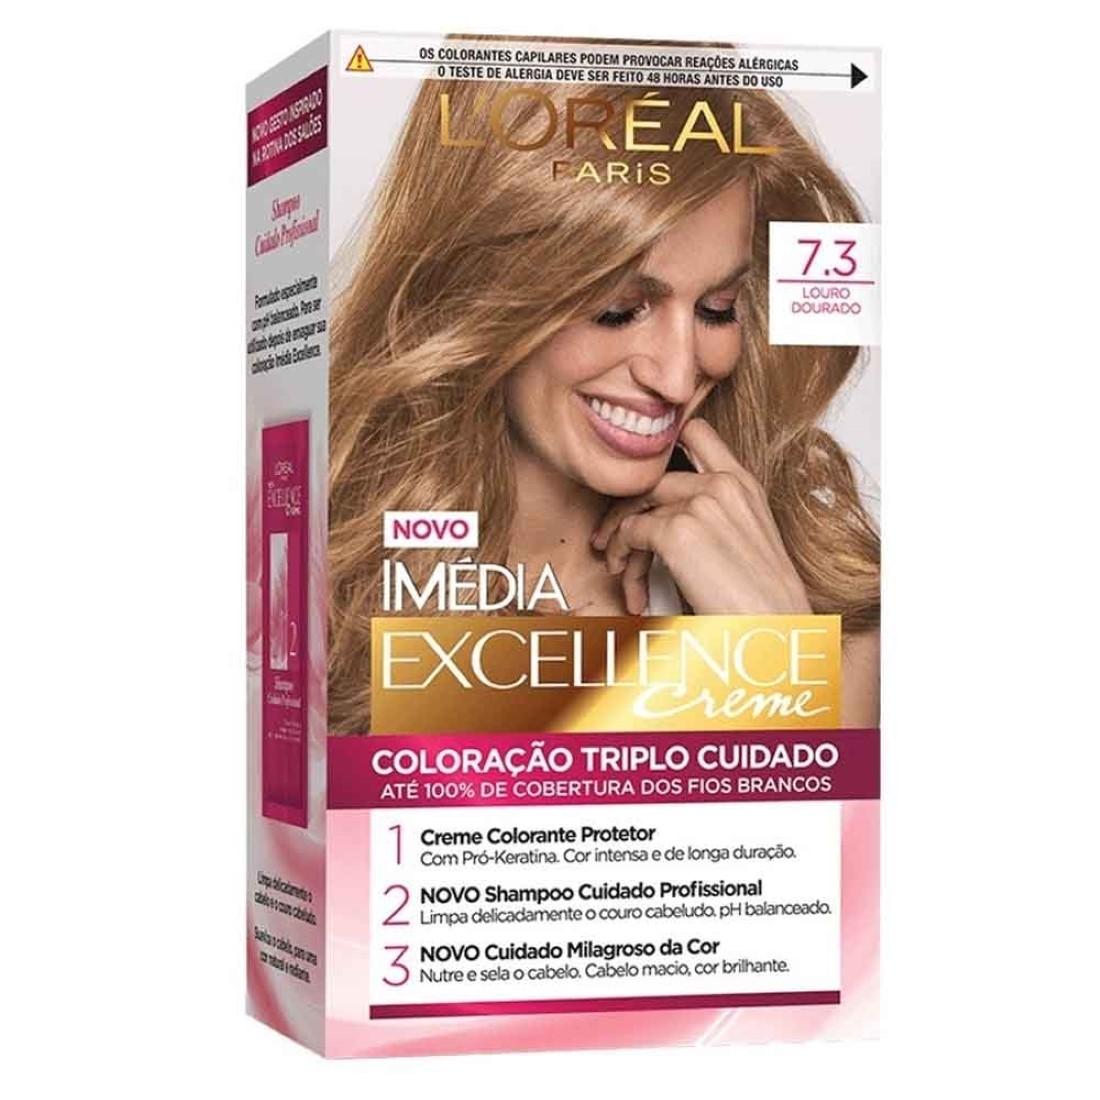 Coloração Imédia Excellence Creme 7.3 Louro Dourado - L'Oréal